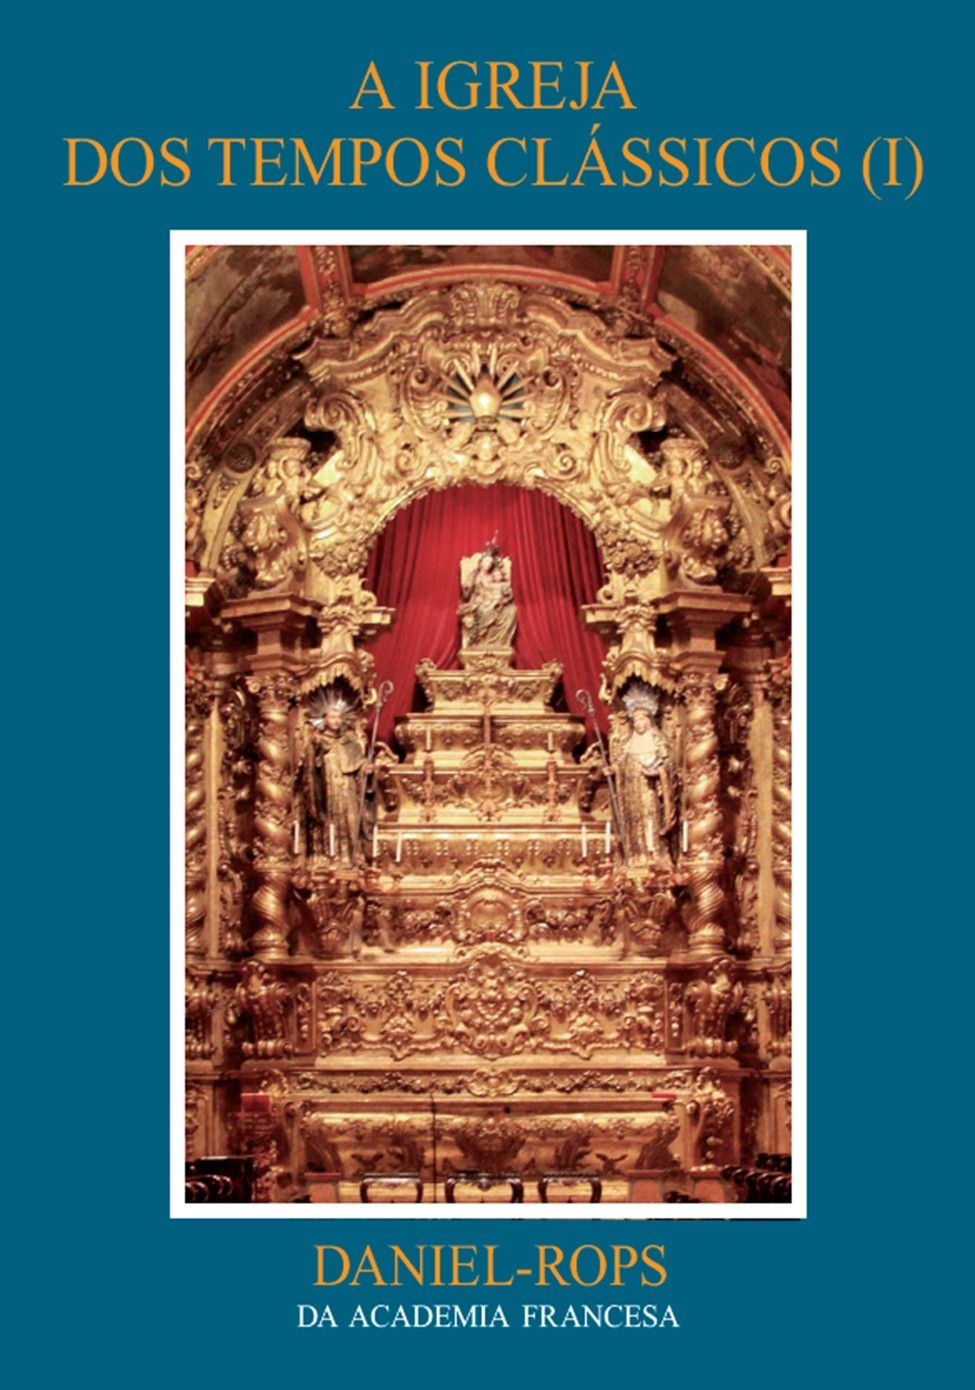 Livro HI-06 - A Igreja dos tempos clássicos (I)